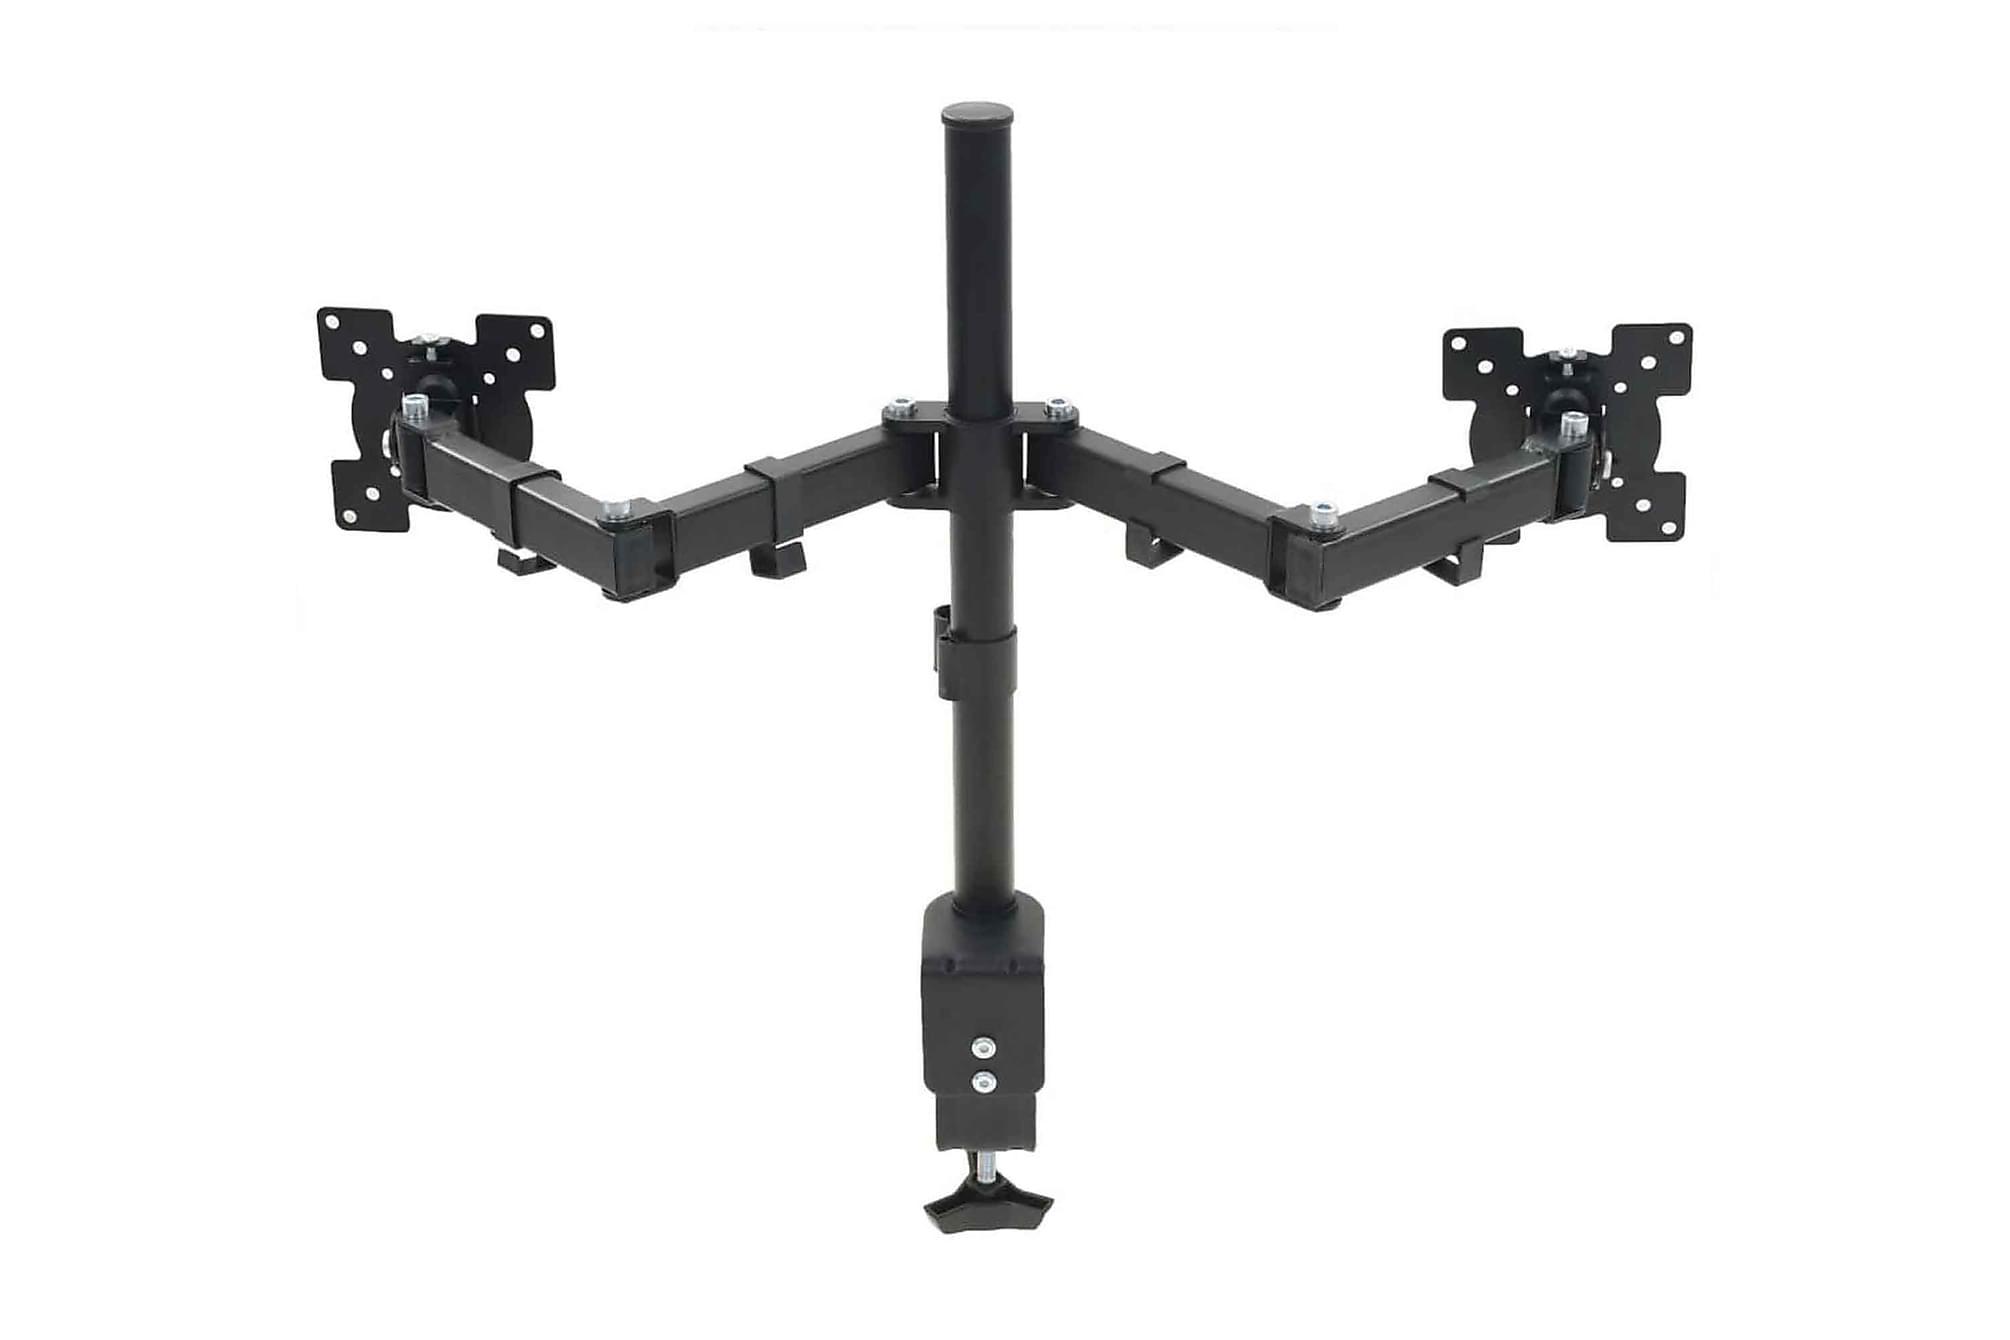 Skärmstativ 32 dubbla armar höjdjusterbar, Tv-väggfästen